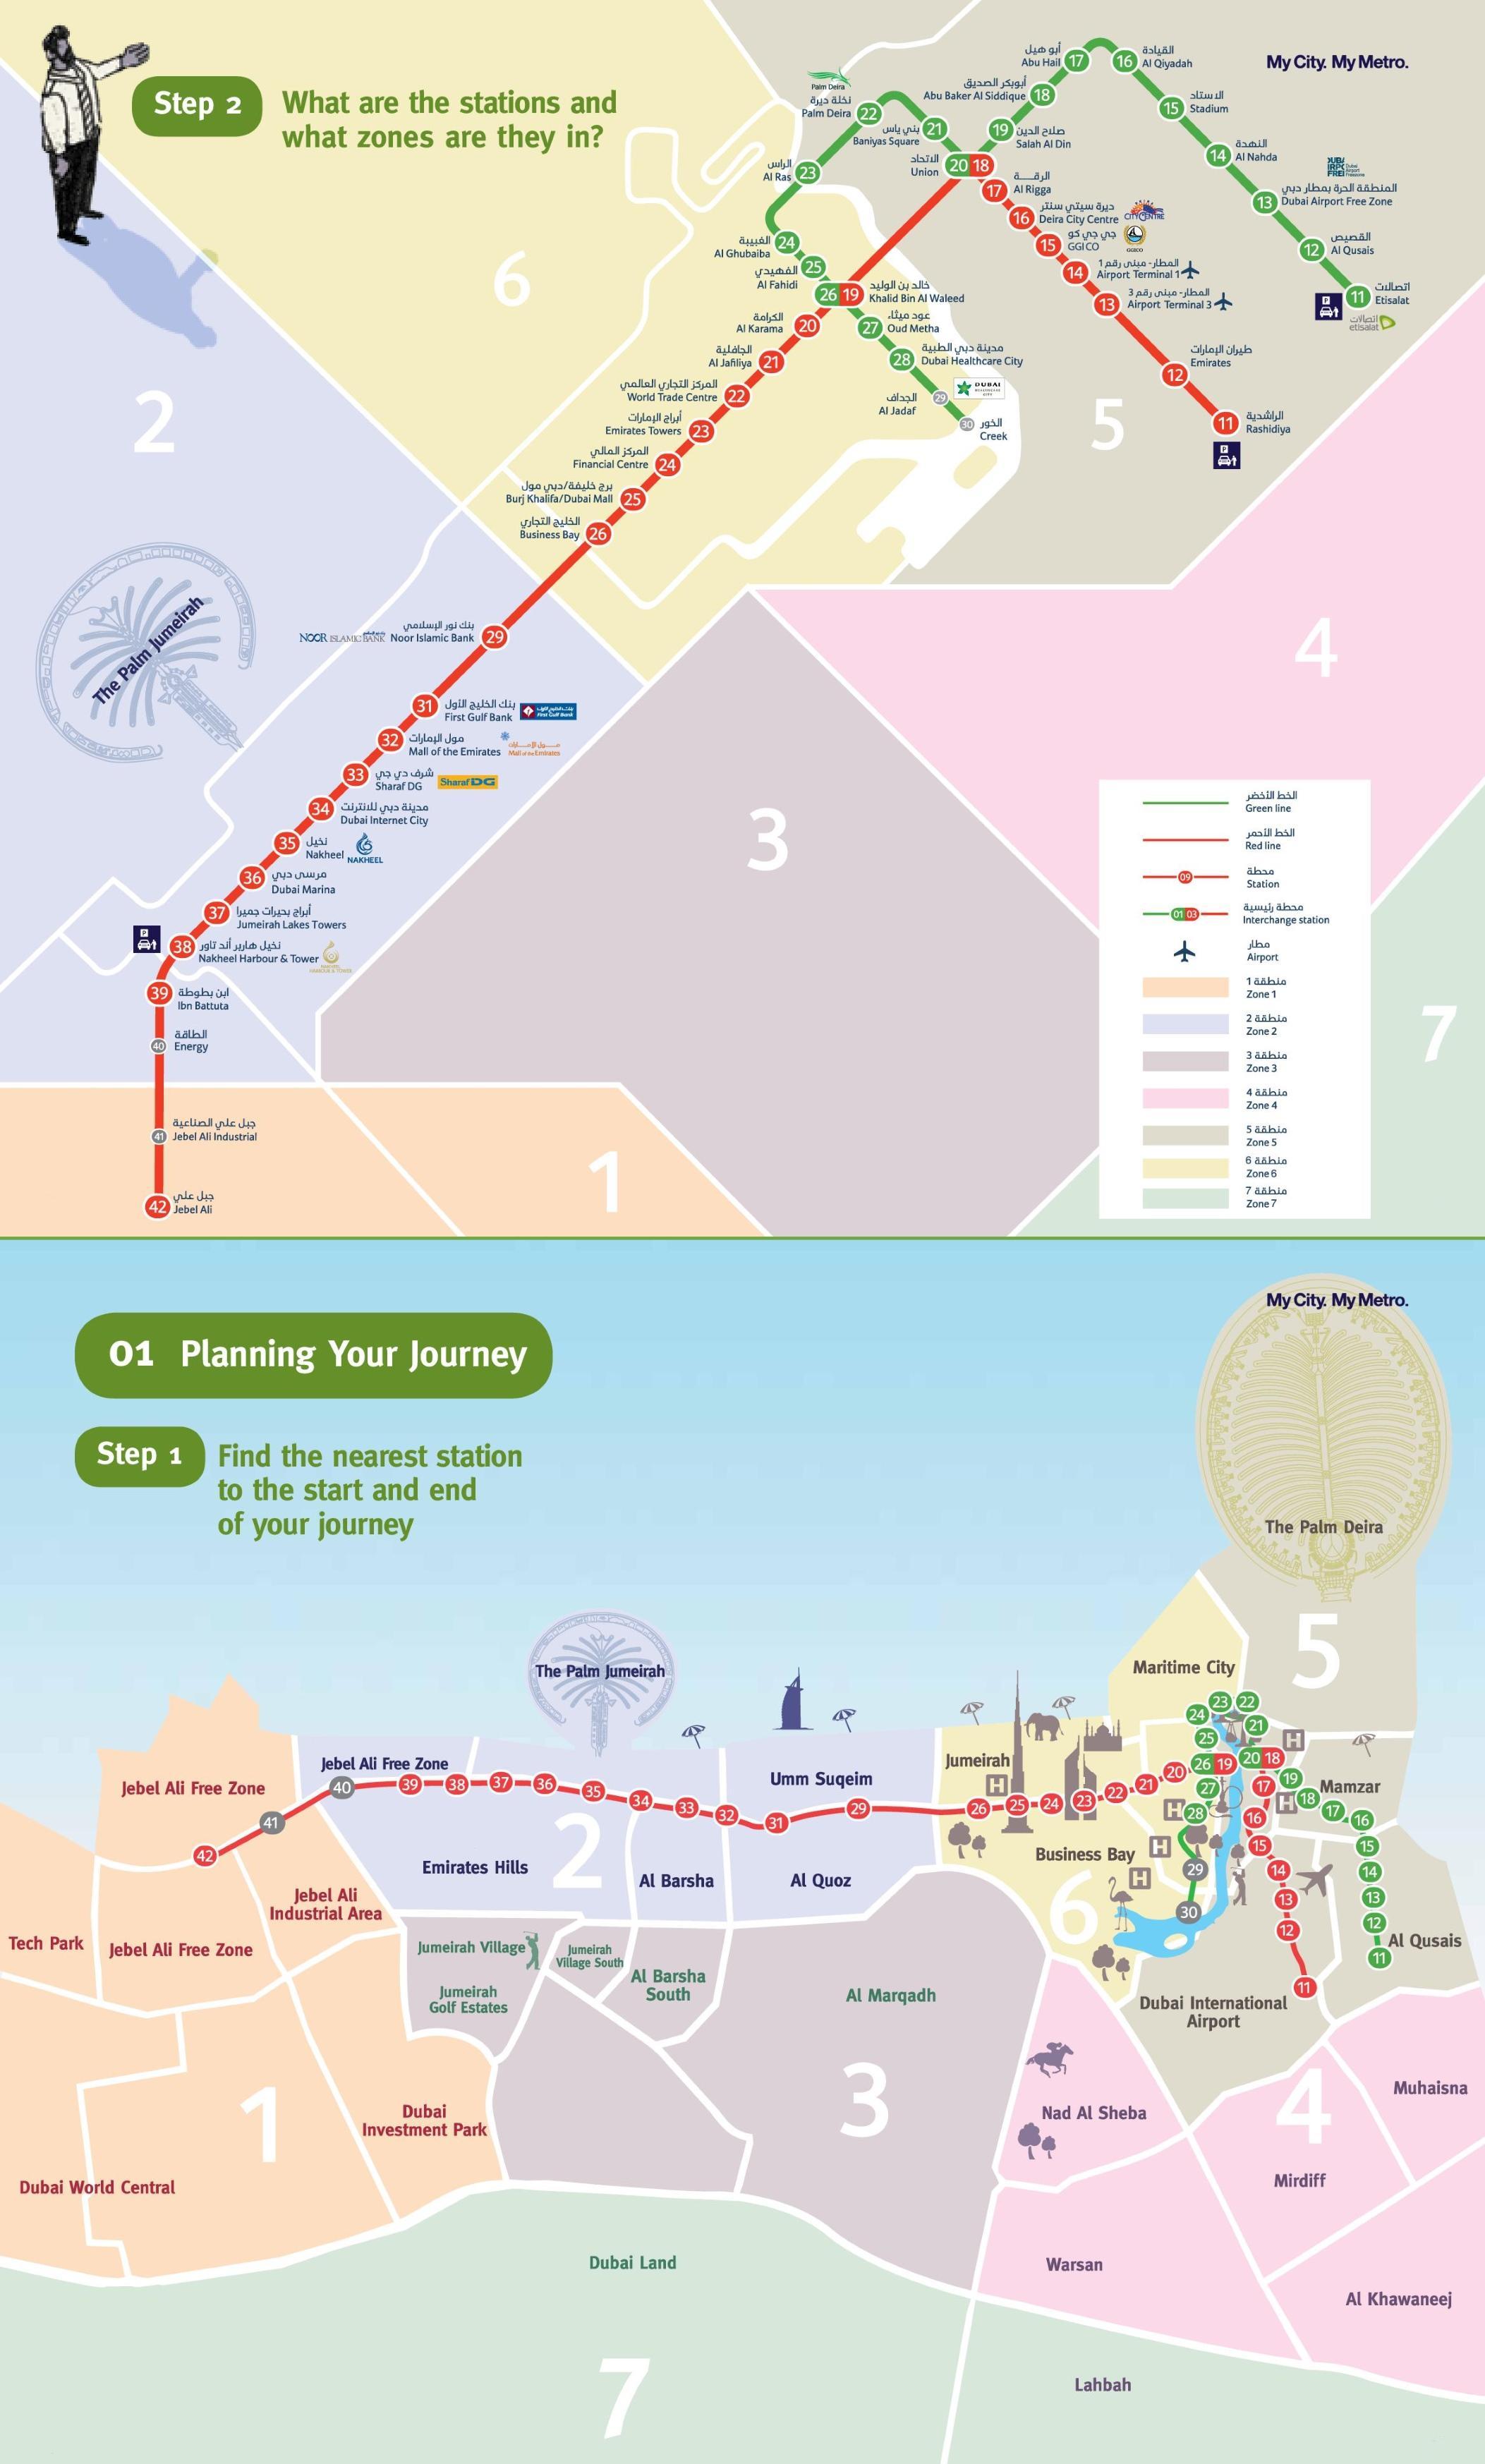 Stația De Metrou Dubai Harta Stația De Metrou Dubai Arată Hartă